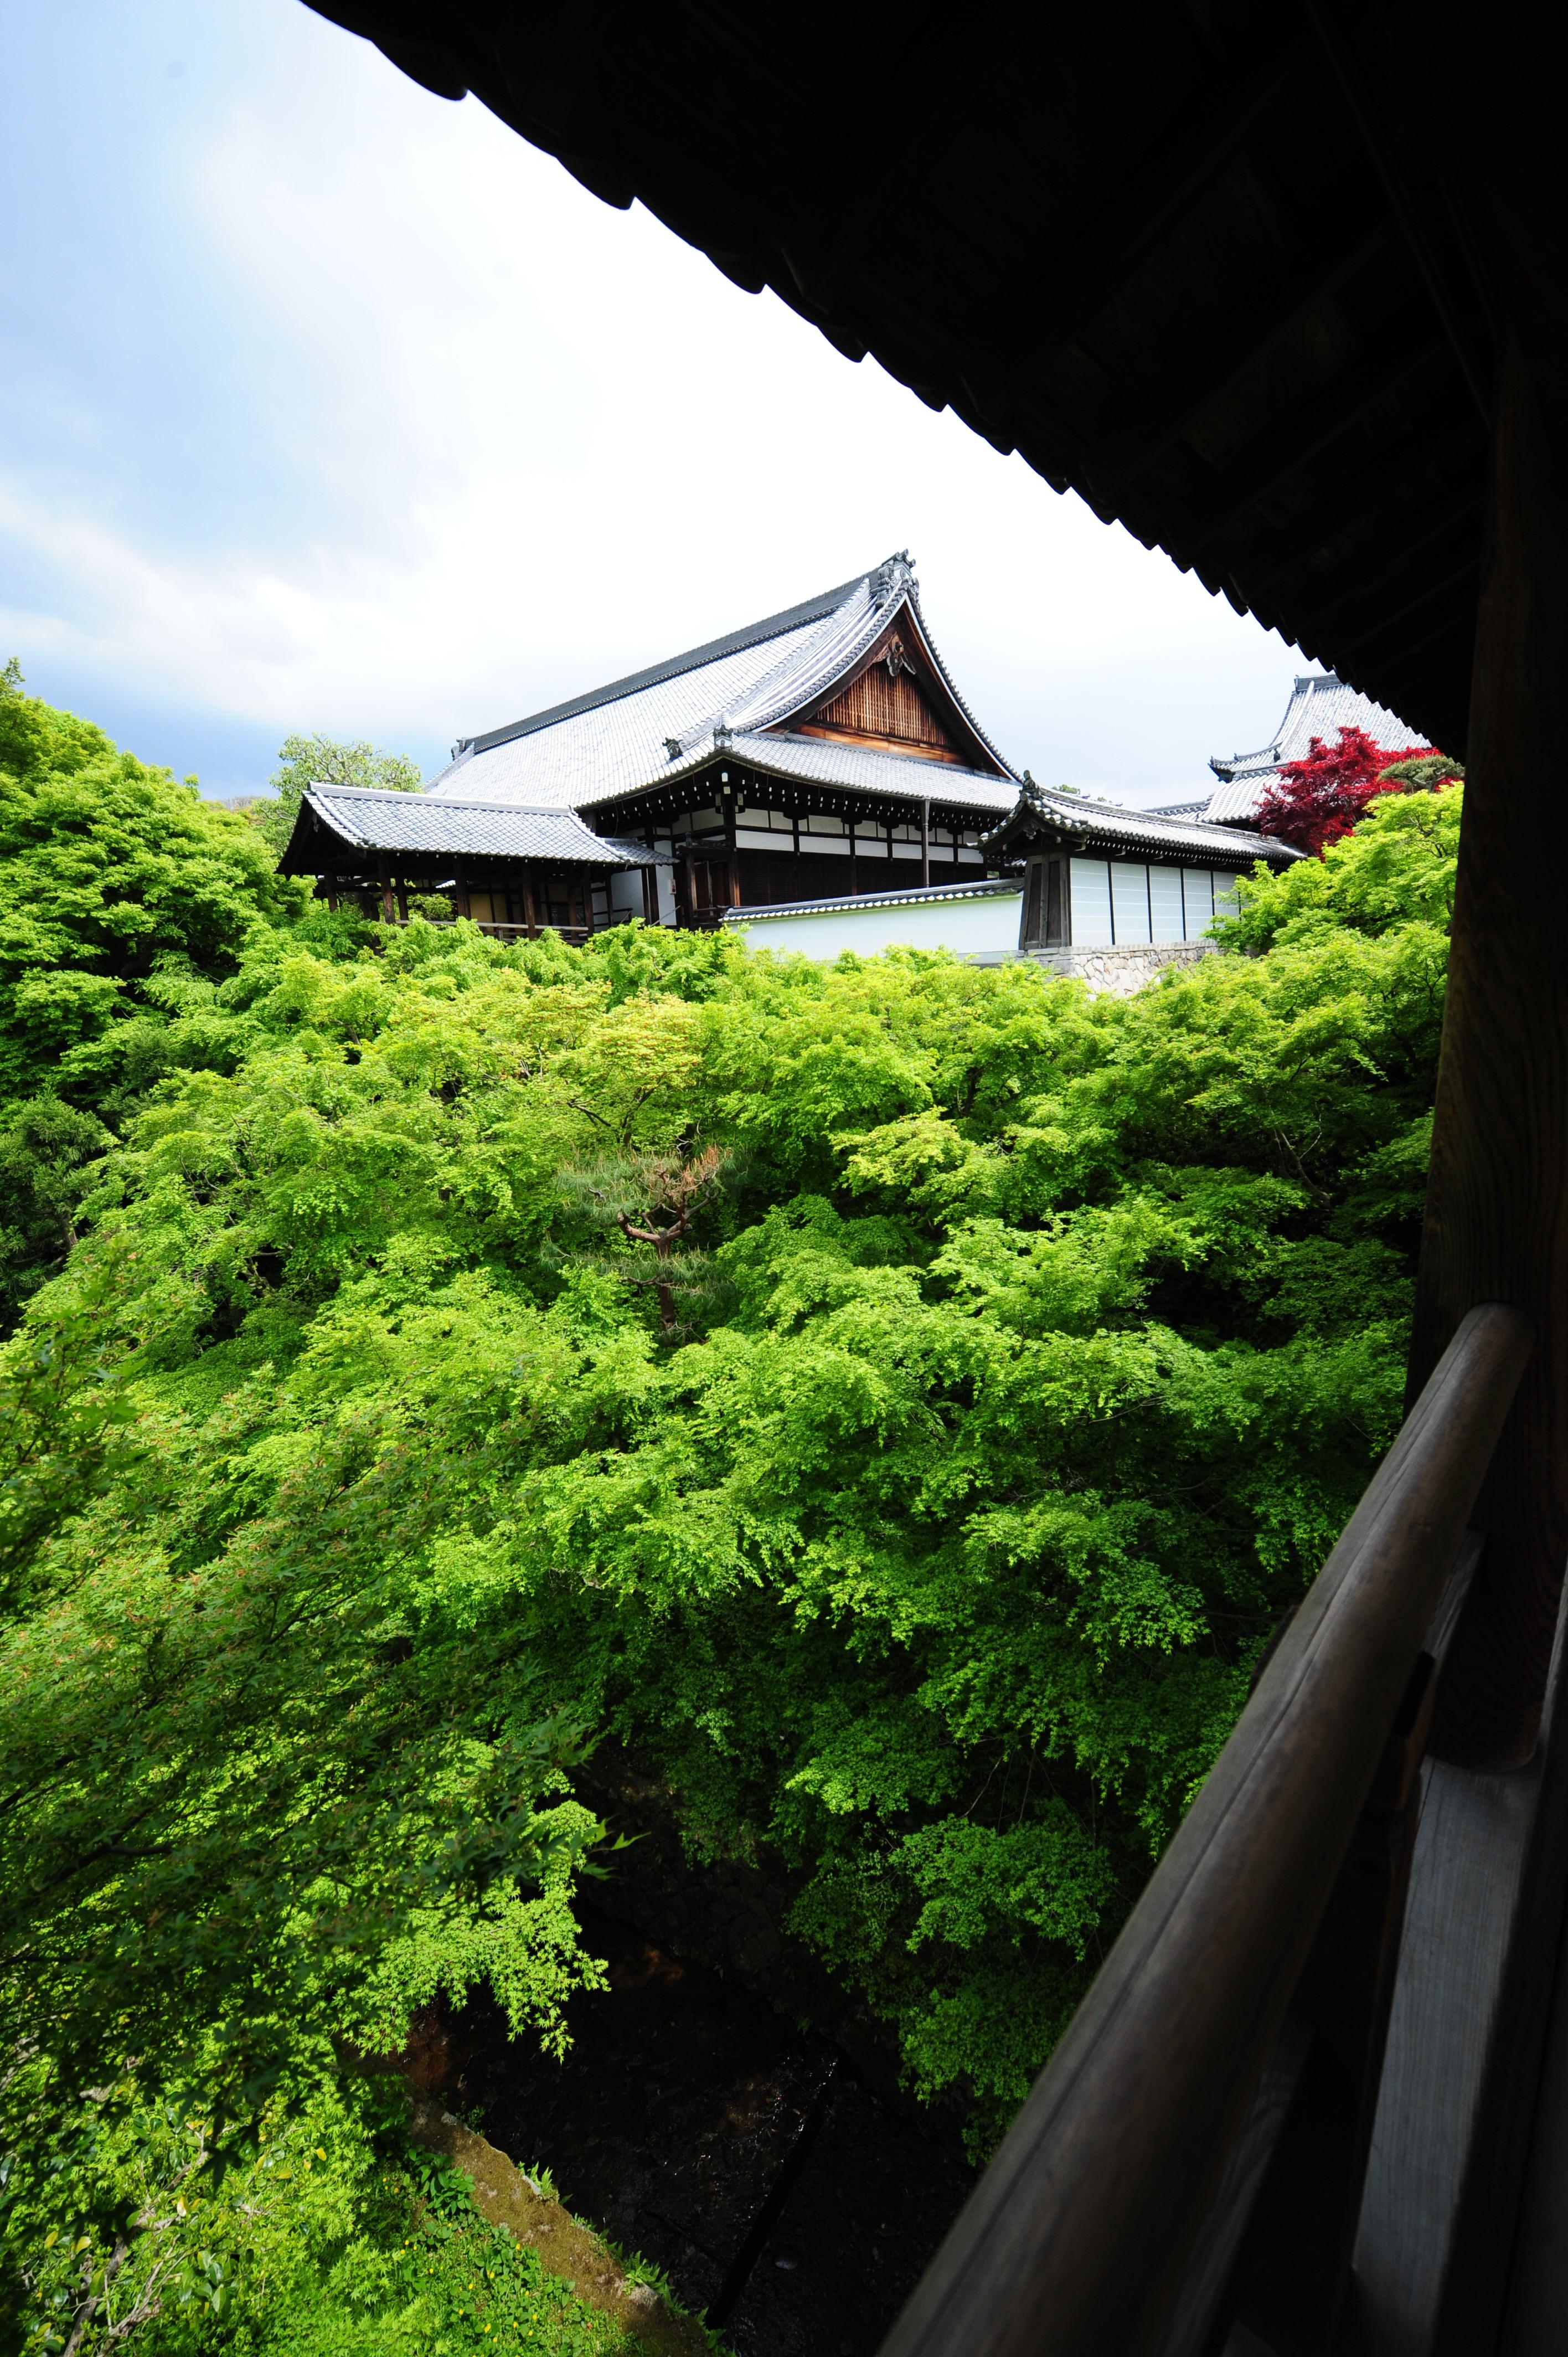 Nikon AF-S NIKKOR 14-24mm f/2.8G ED and Nikon D3 with Kyoto Japan